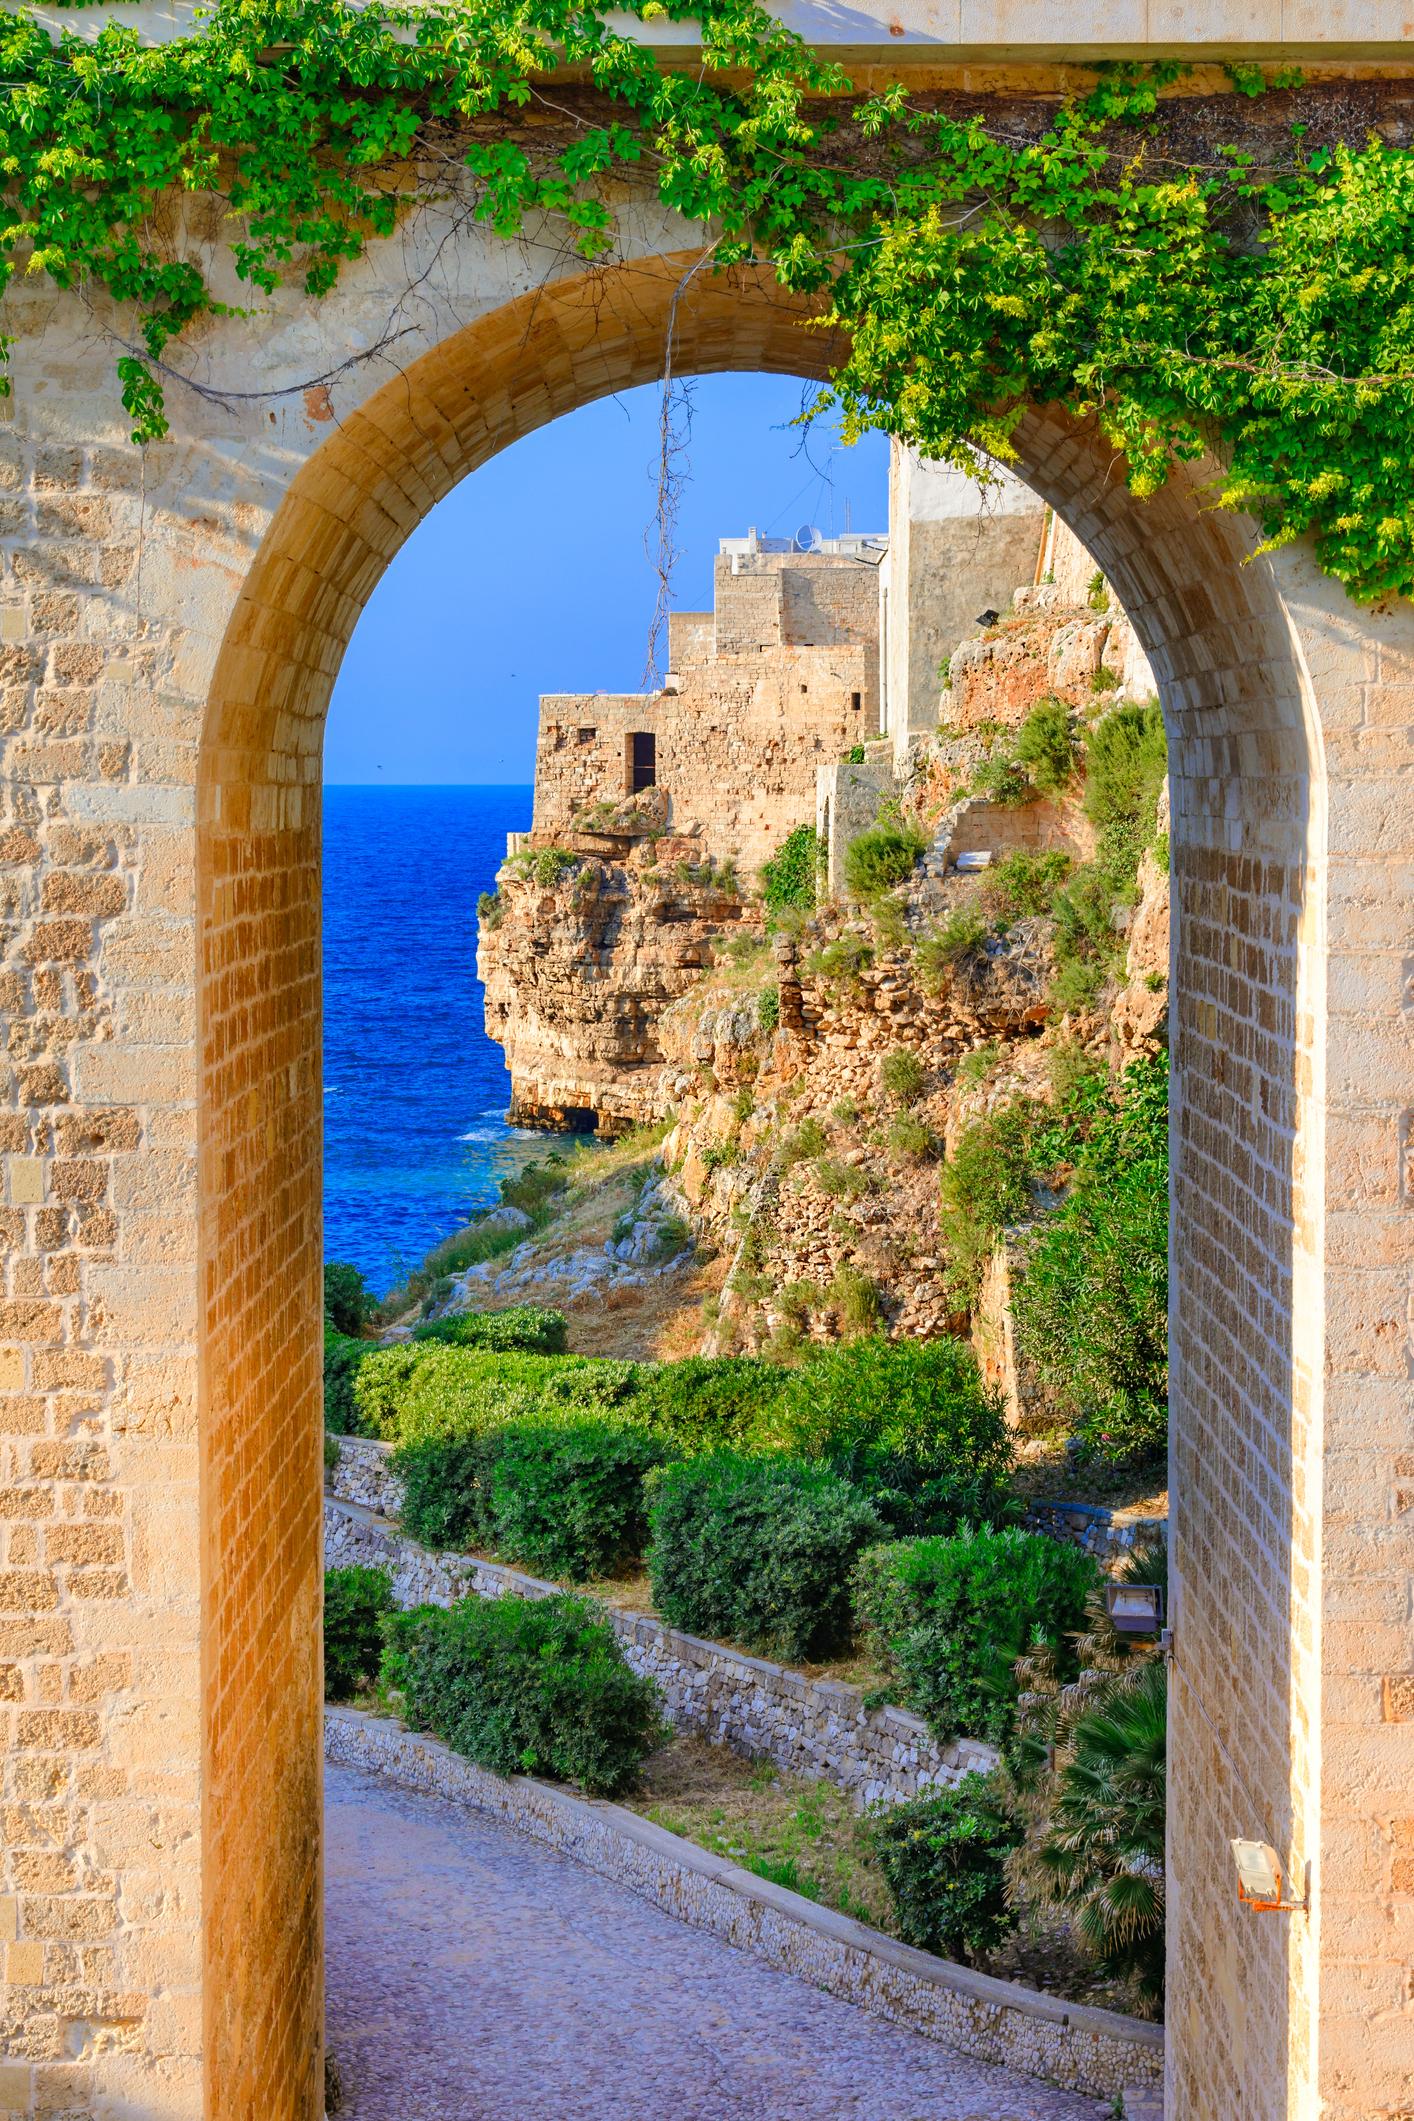 Basilicata & Puglia Tour